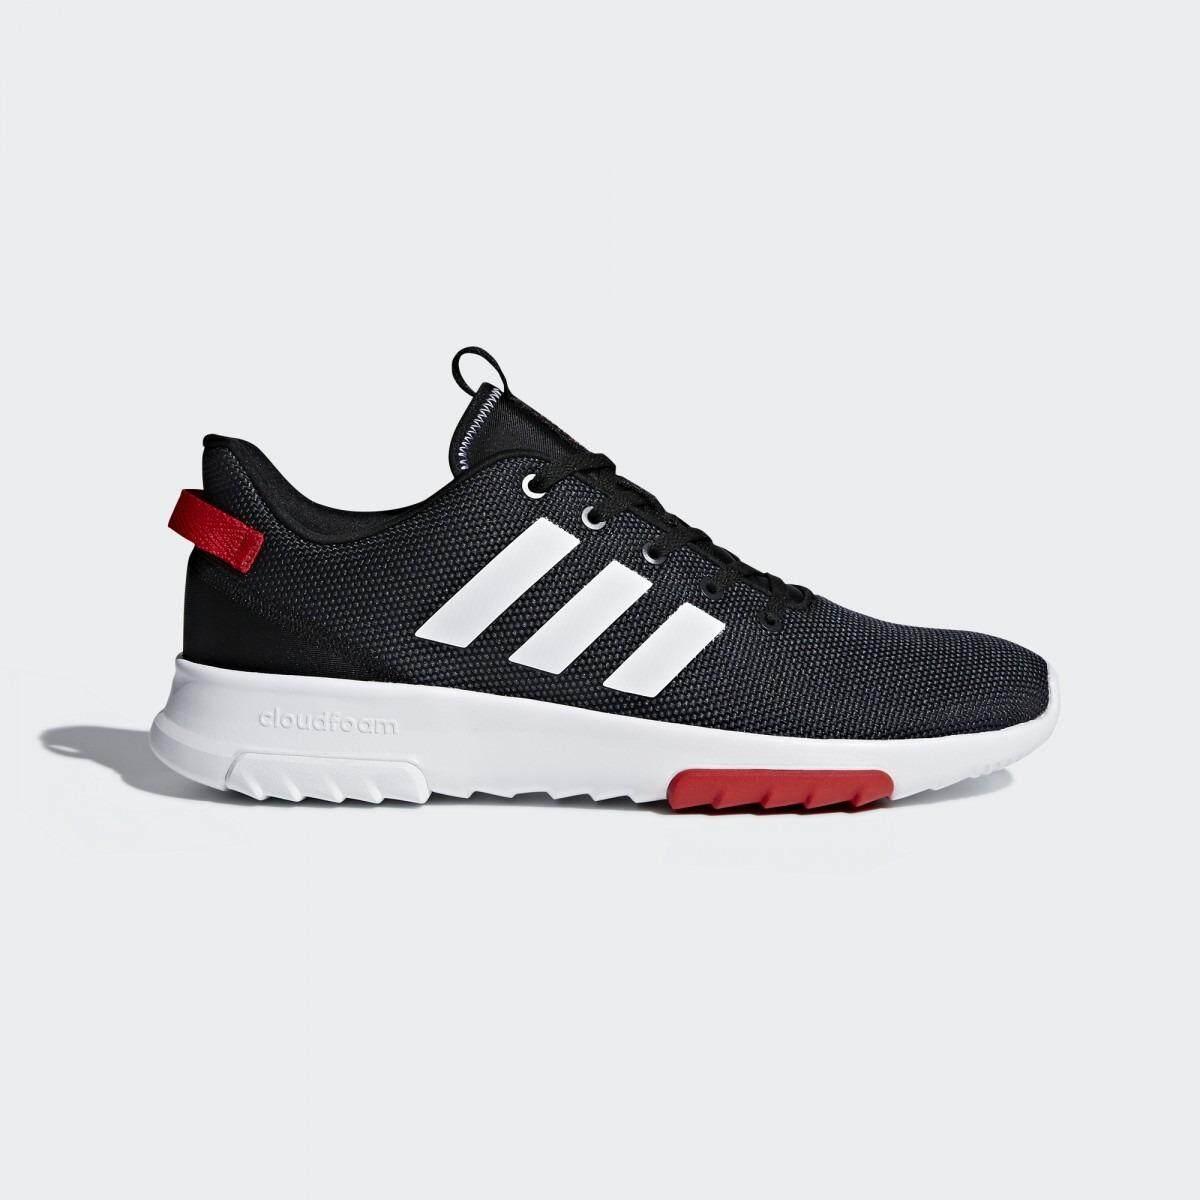 ซื้อ Adidas Neo รองเท้า Cloudfoam Racer Tr Db0704 Black White Red ใน กรุงเทพมหานคร